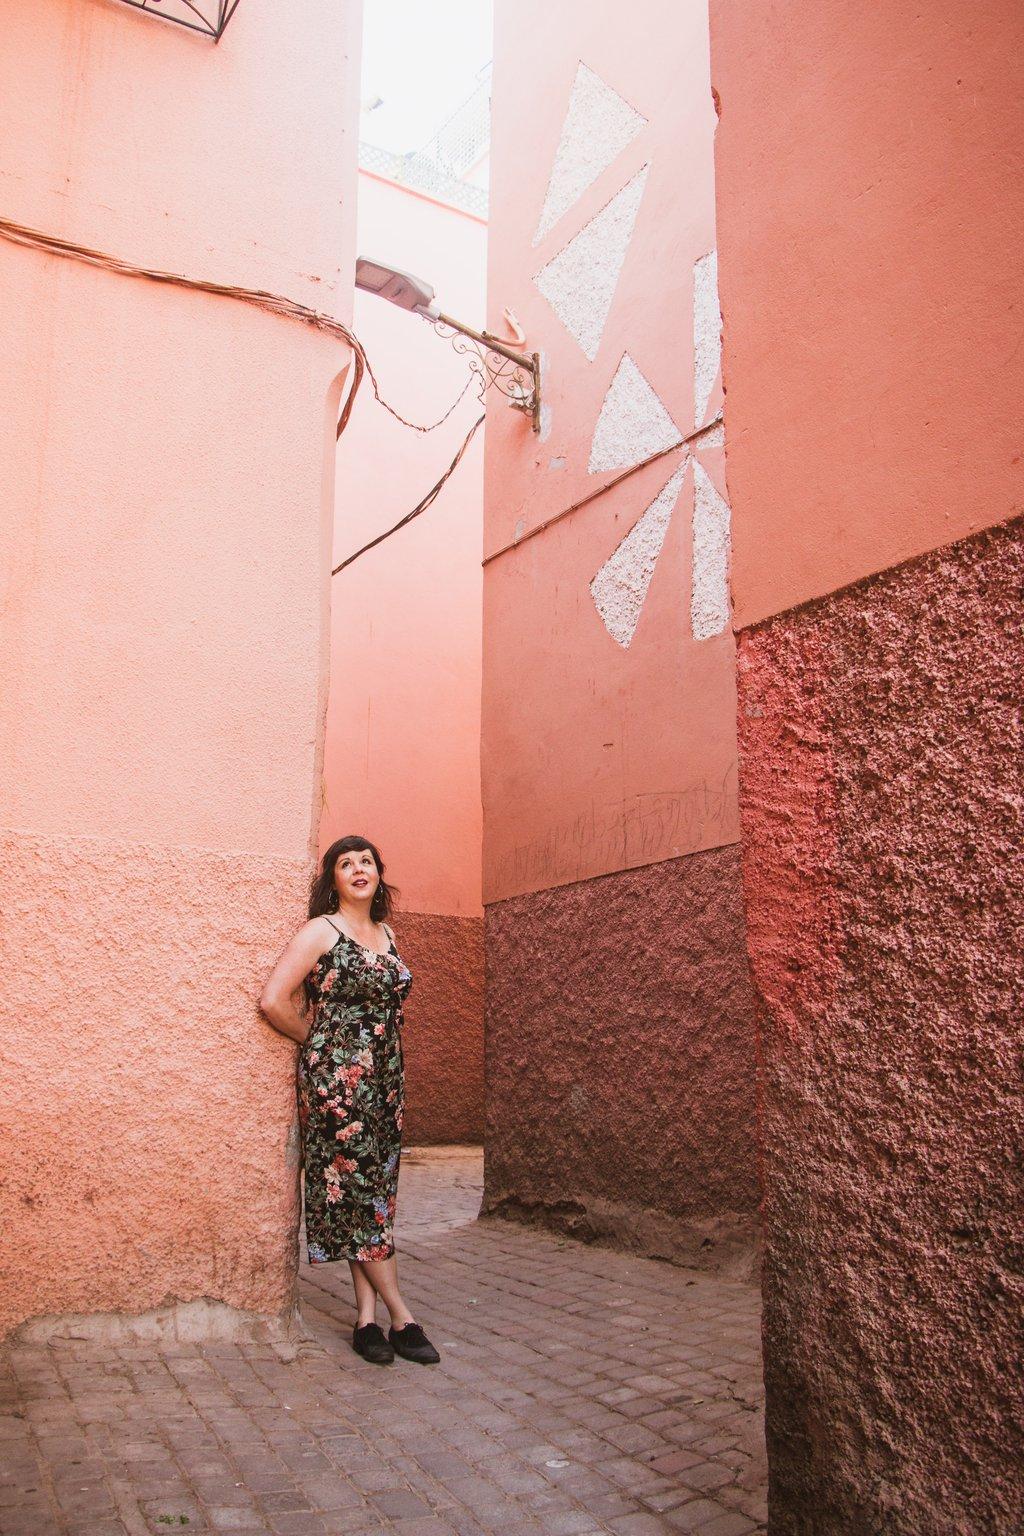 Ilyass's Portfolio - Image 12